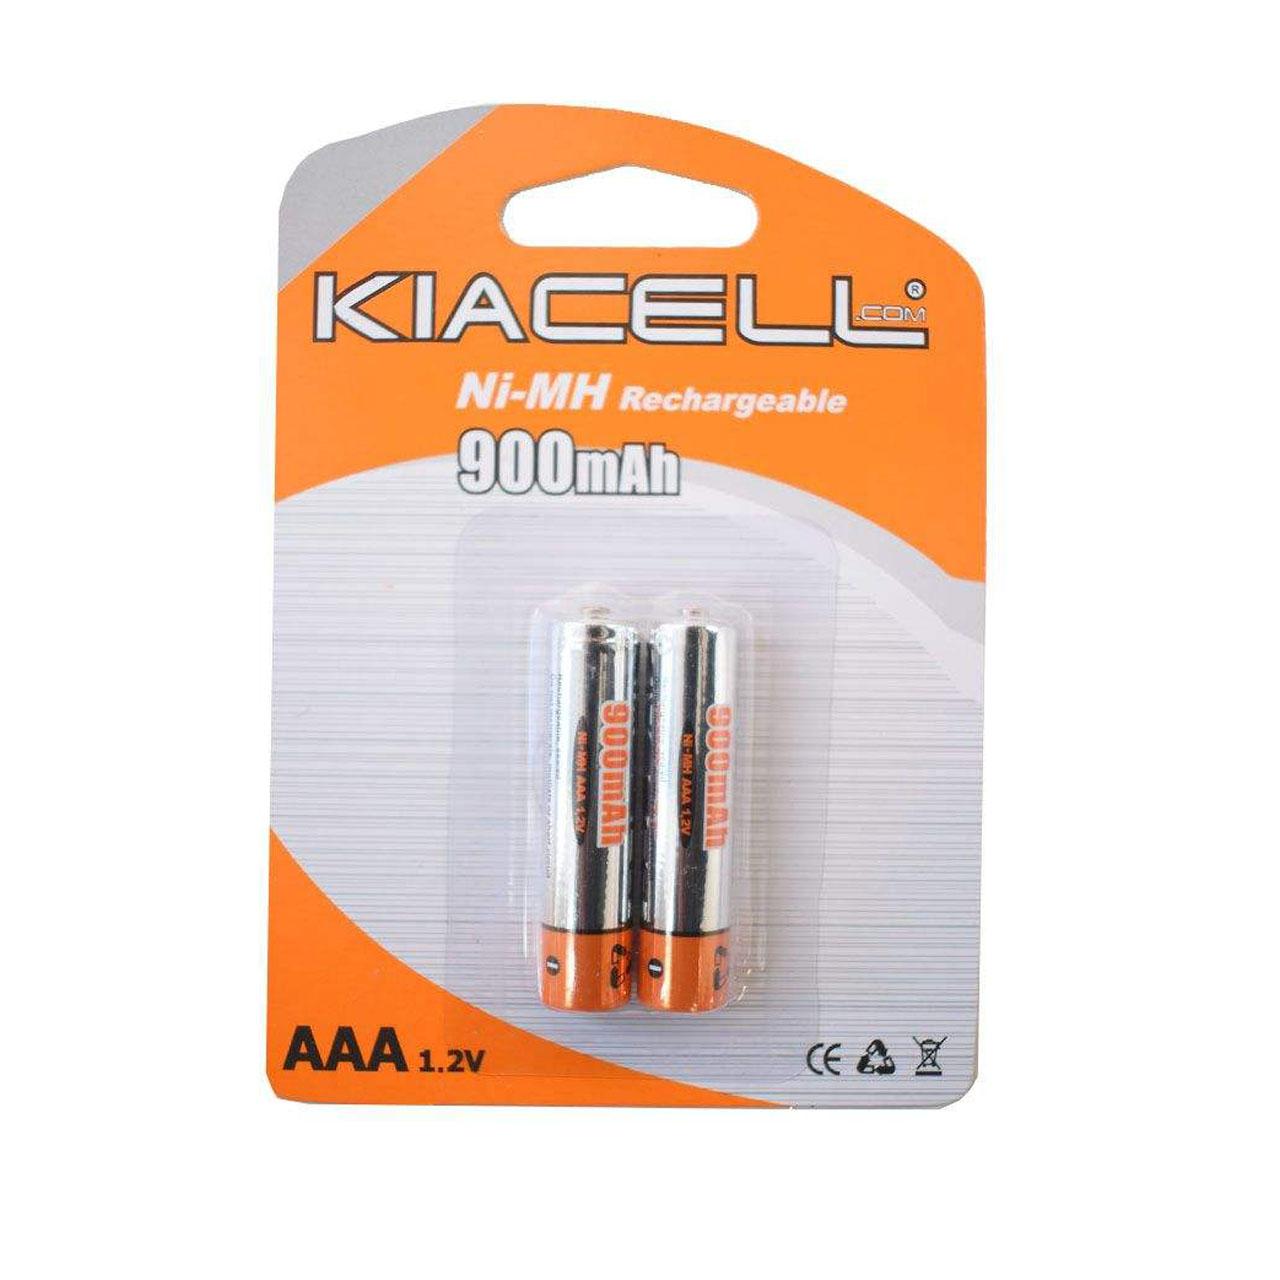 بررسی و {خرید با تخفیف}                                     باتری نیم قلمی قابل شارژ کیاسل مدل Ni-MH بسته 2 عددی                             اصل